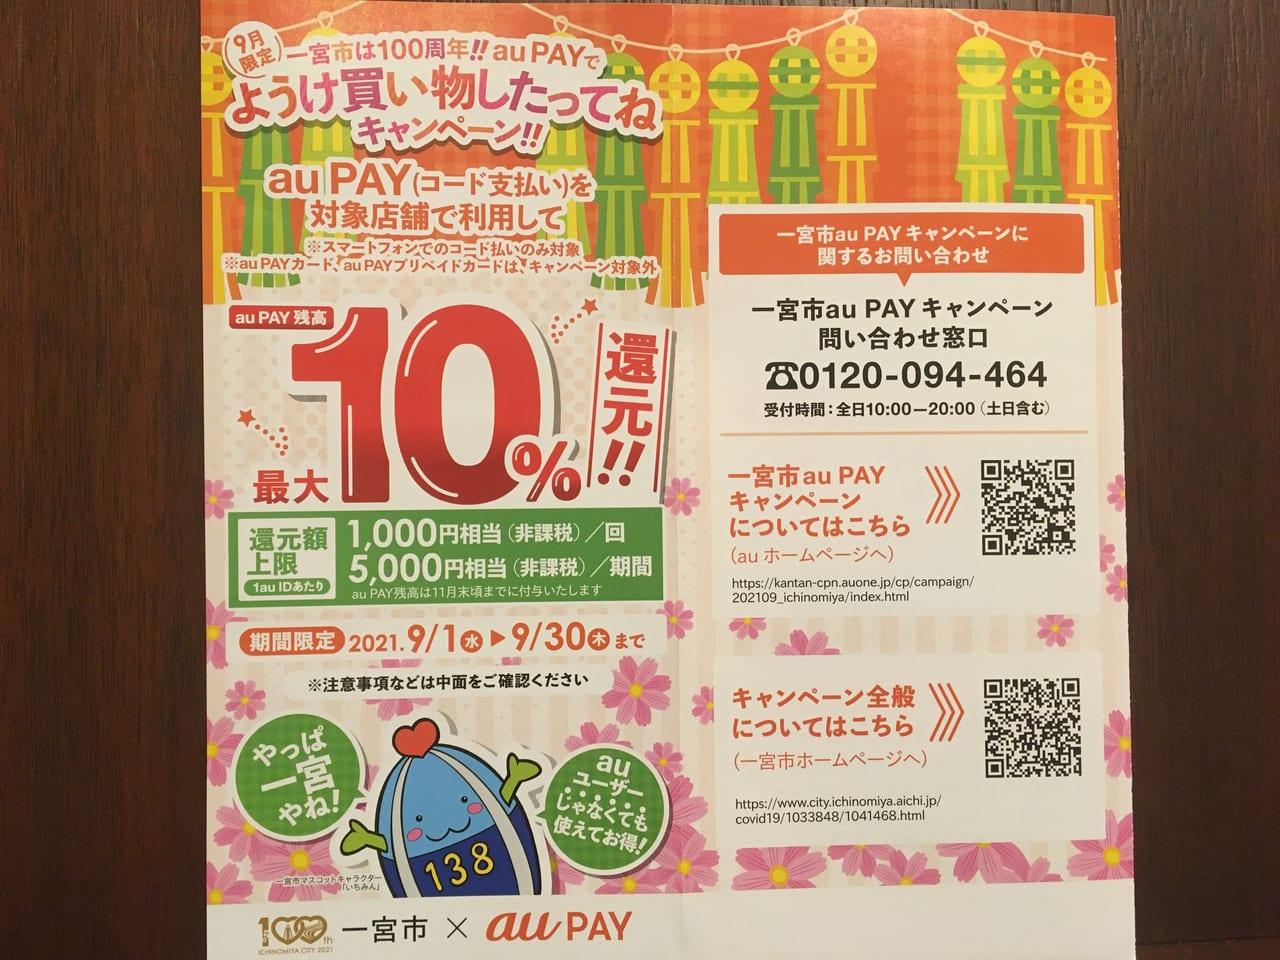 一宮市×PayPay ようけ買い物したってねキャンペーンのパンフレット